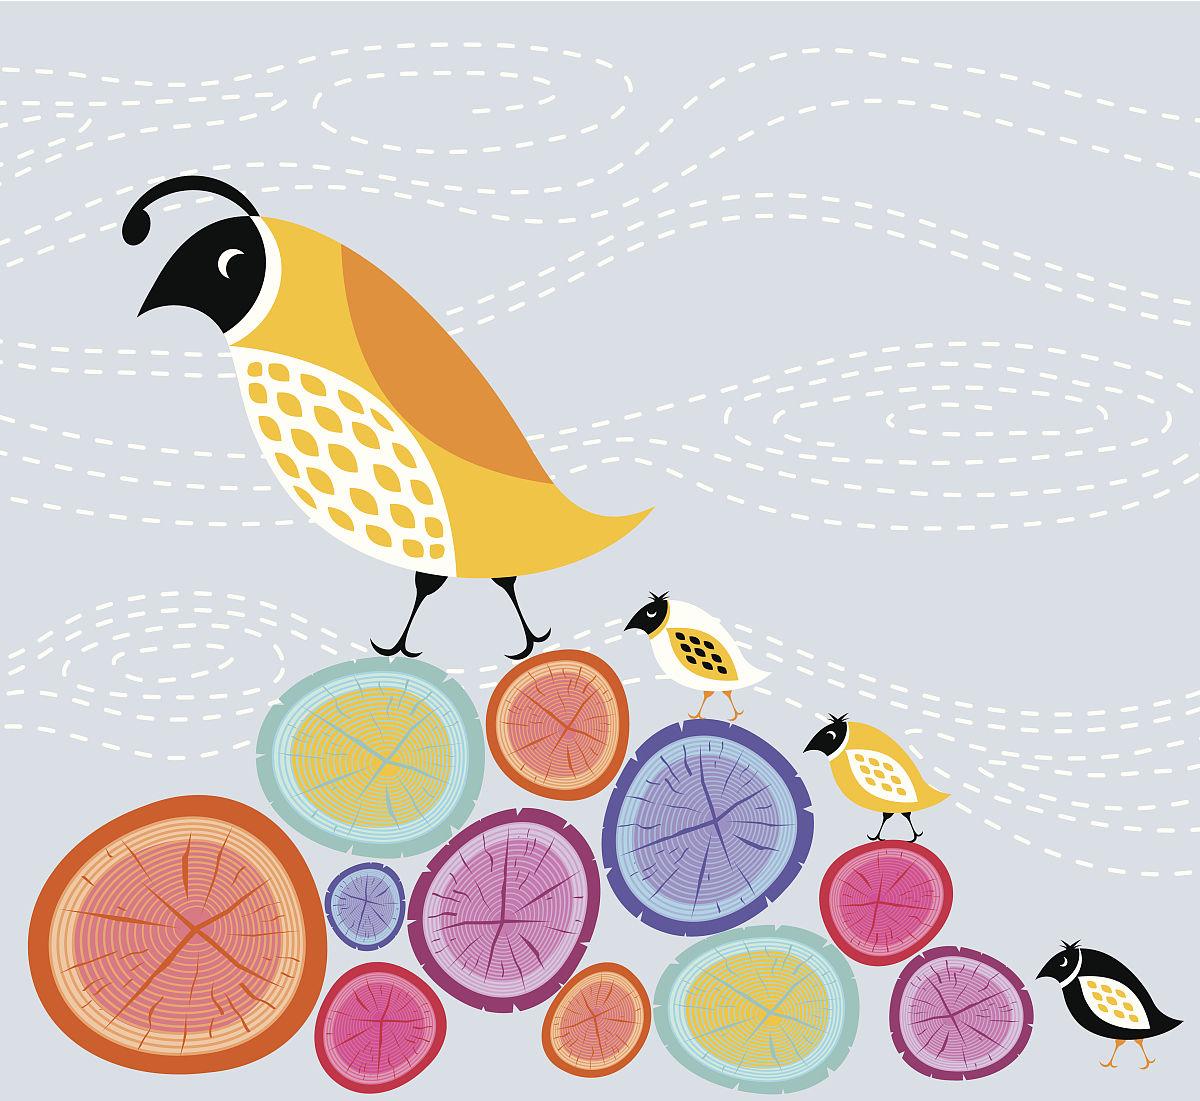 鸟类,多色的,木制,叠,夏天,背景,计算机图形学,圆木,肖像,幼小动物图片